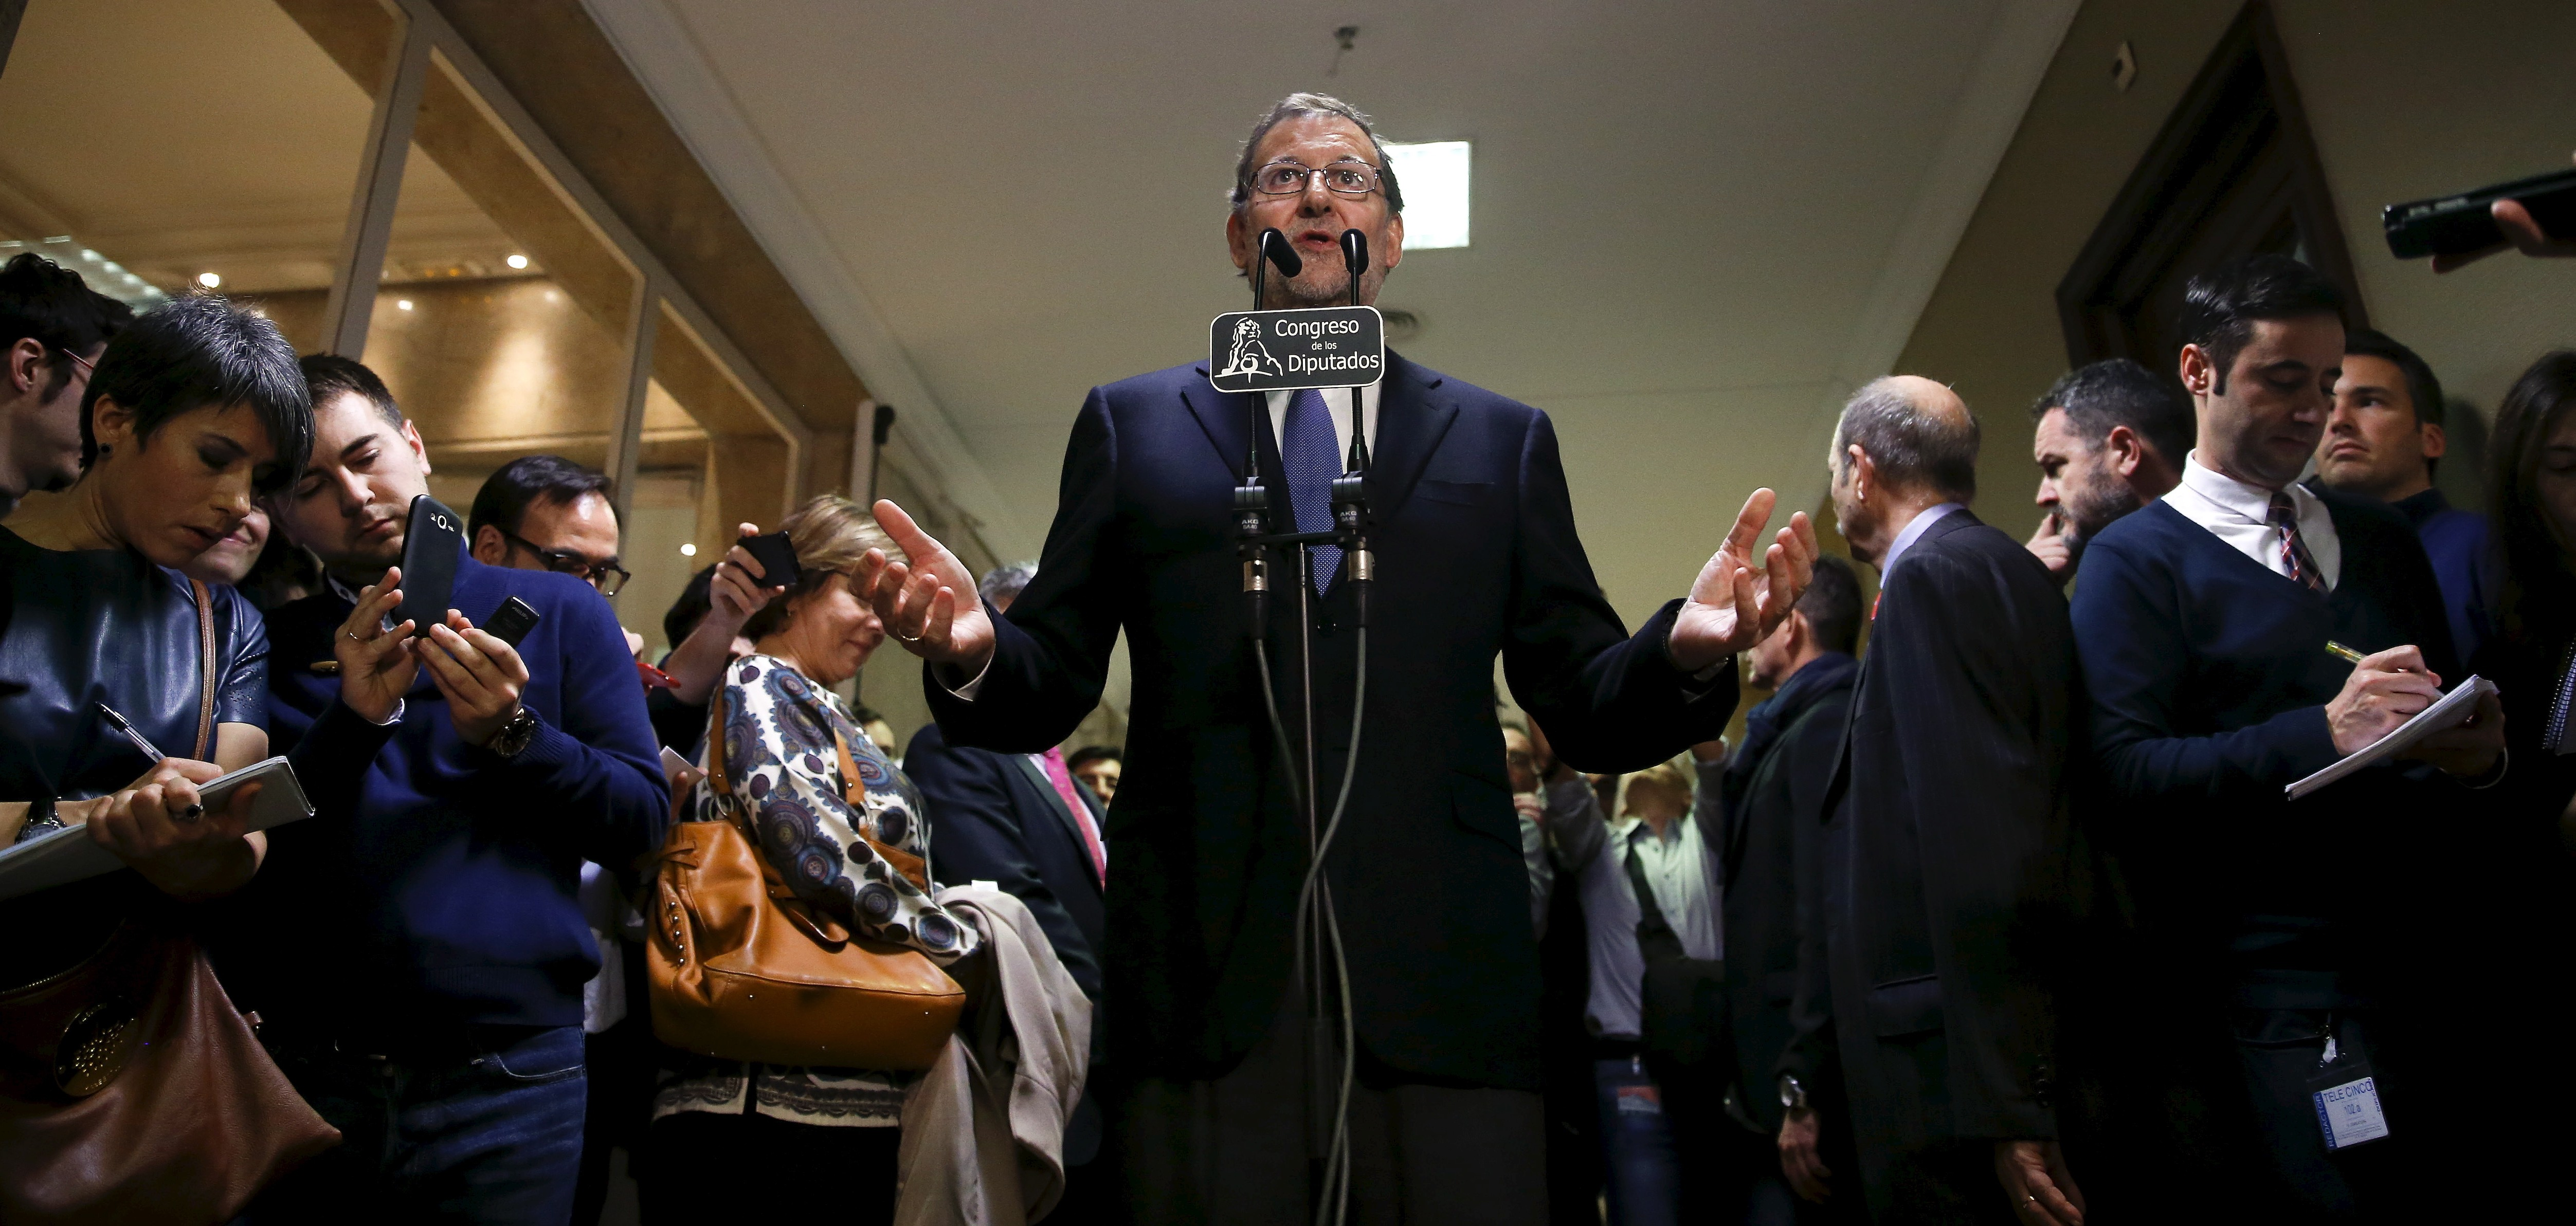 El presidente del Gobierno en funciones, Mariano Rajoy, en el Congreso.  Foto: Reuters